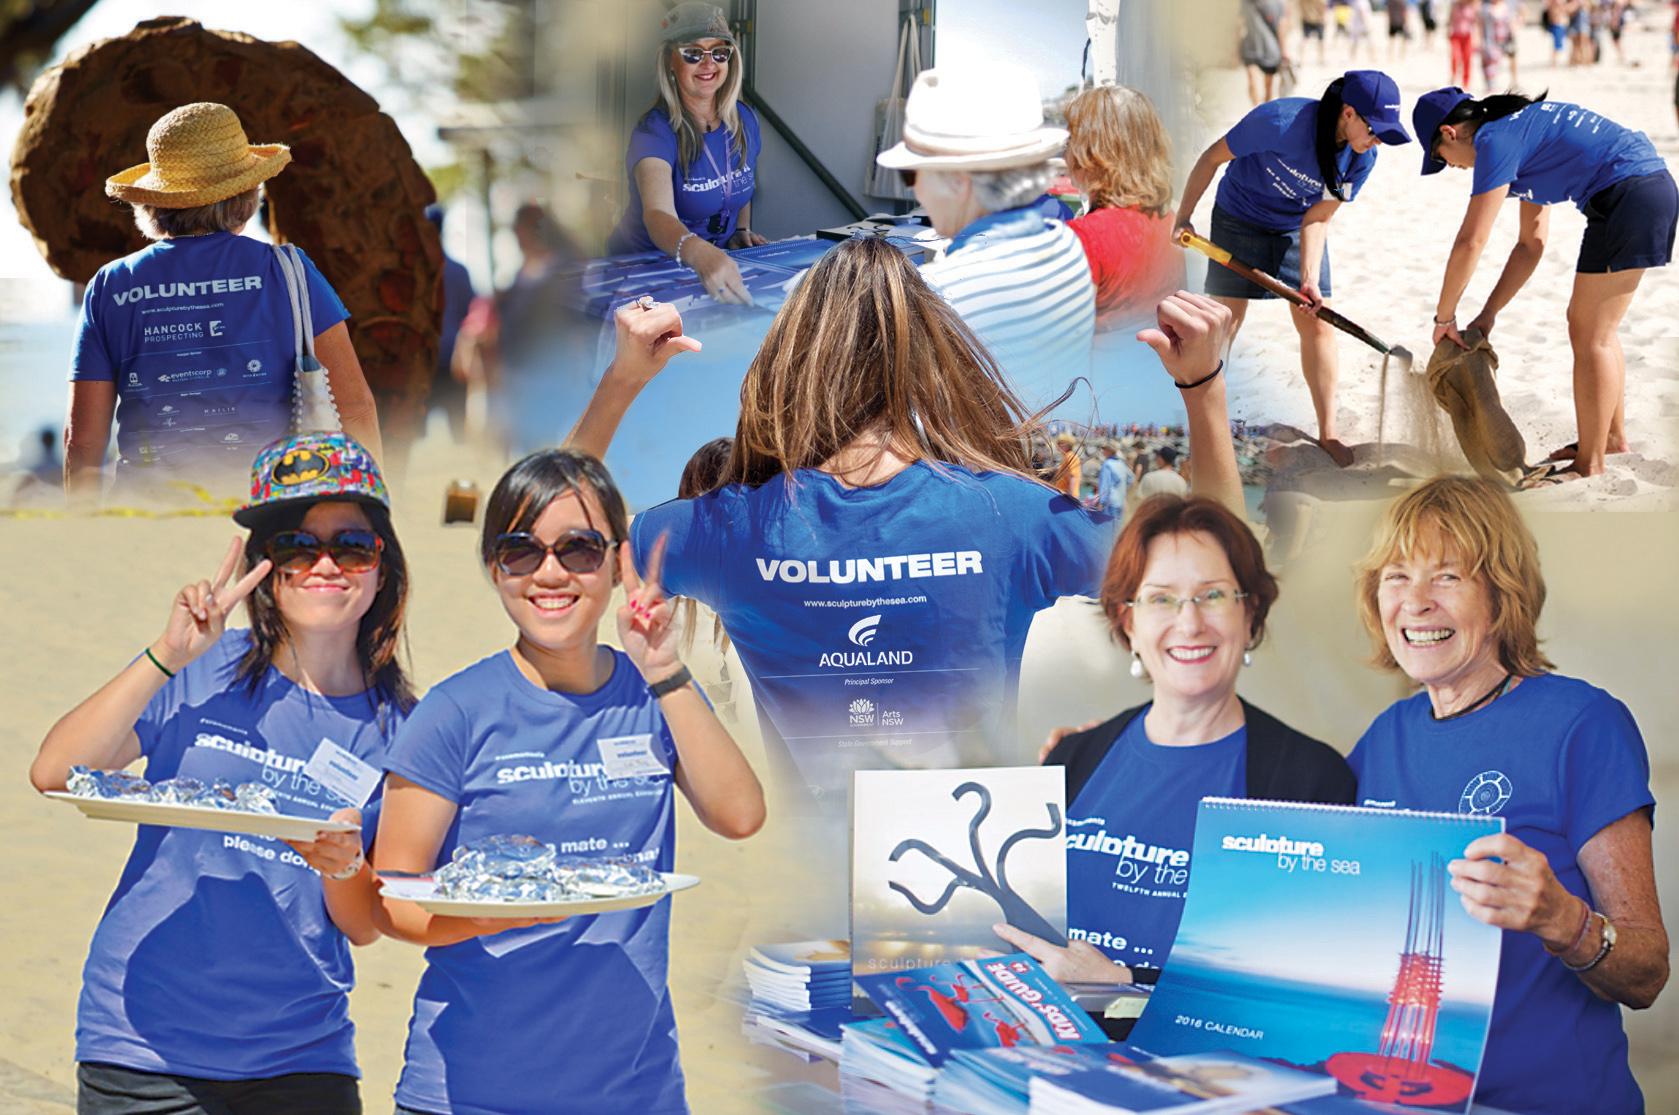 volunteers montage